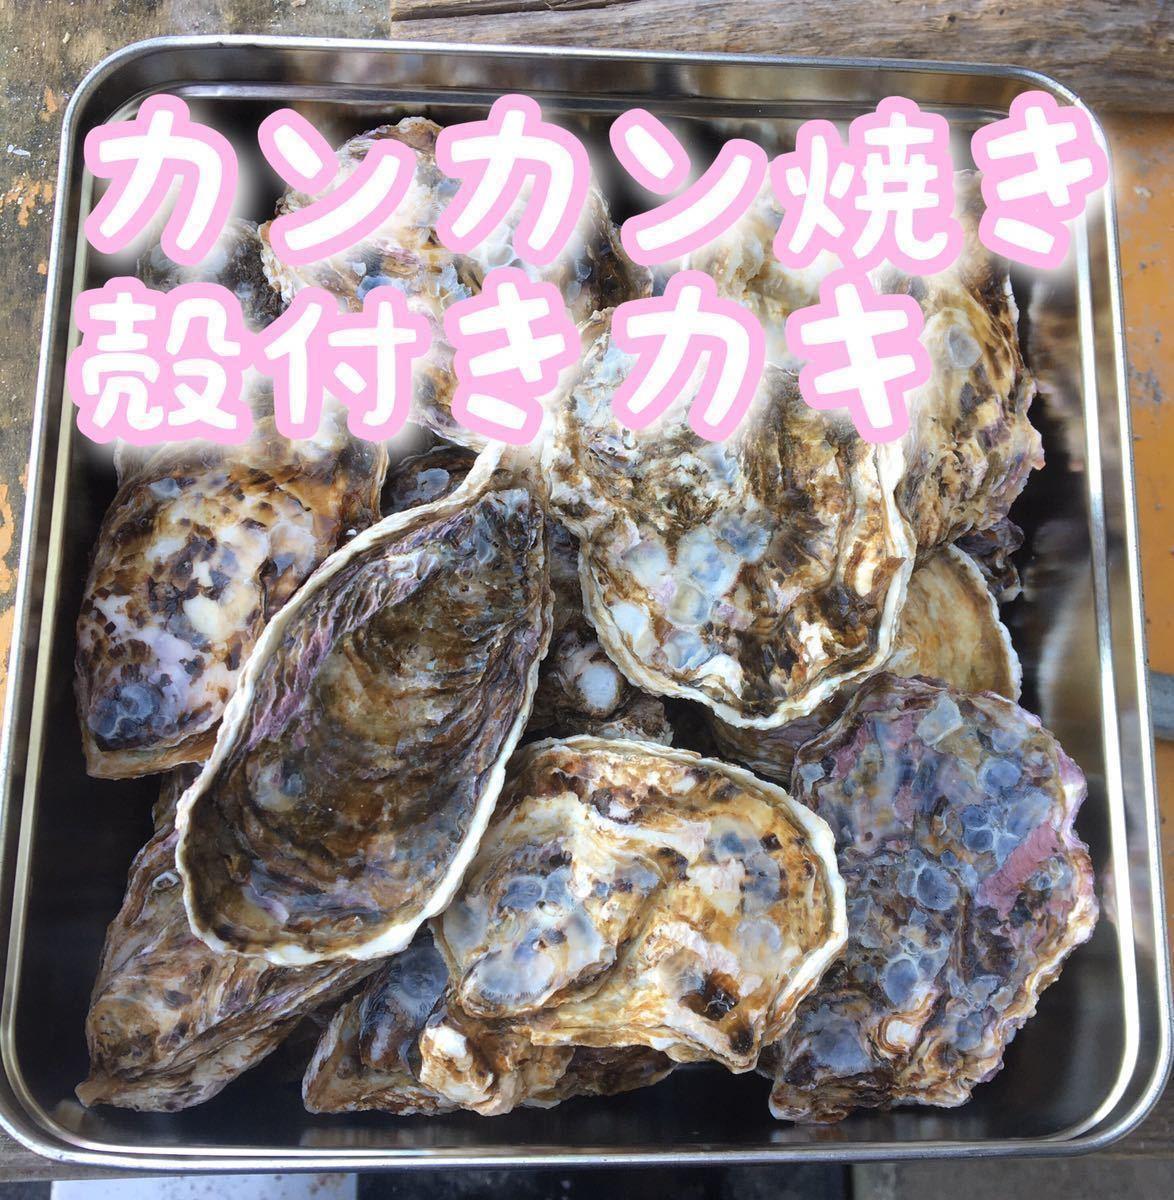 広島県産 殻付き牡蠣 38~40個 加熱用 カンカン焼き 産地直送 海のミルク 真牡蠣 送料無料 在庫一掃SALE_画像1